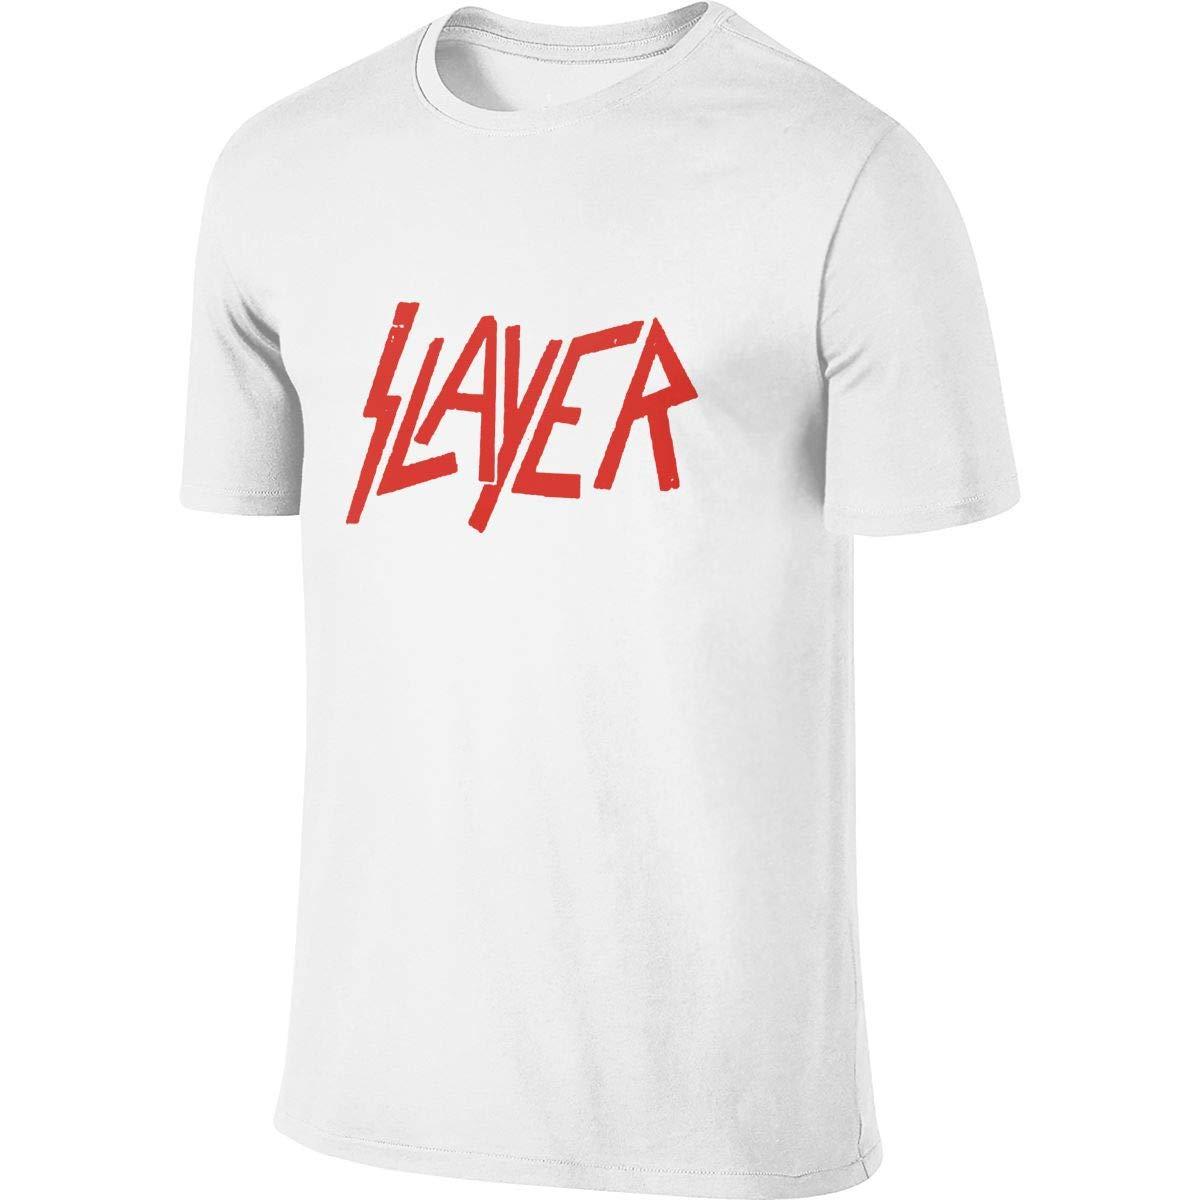 Mans Tshirts Slayer Band Novelty Shirt Tee